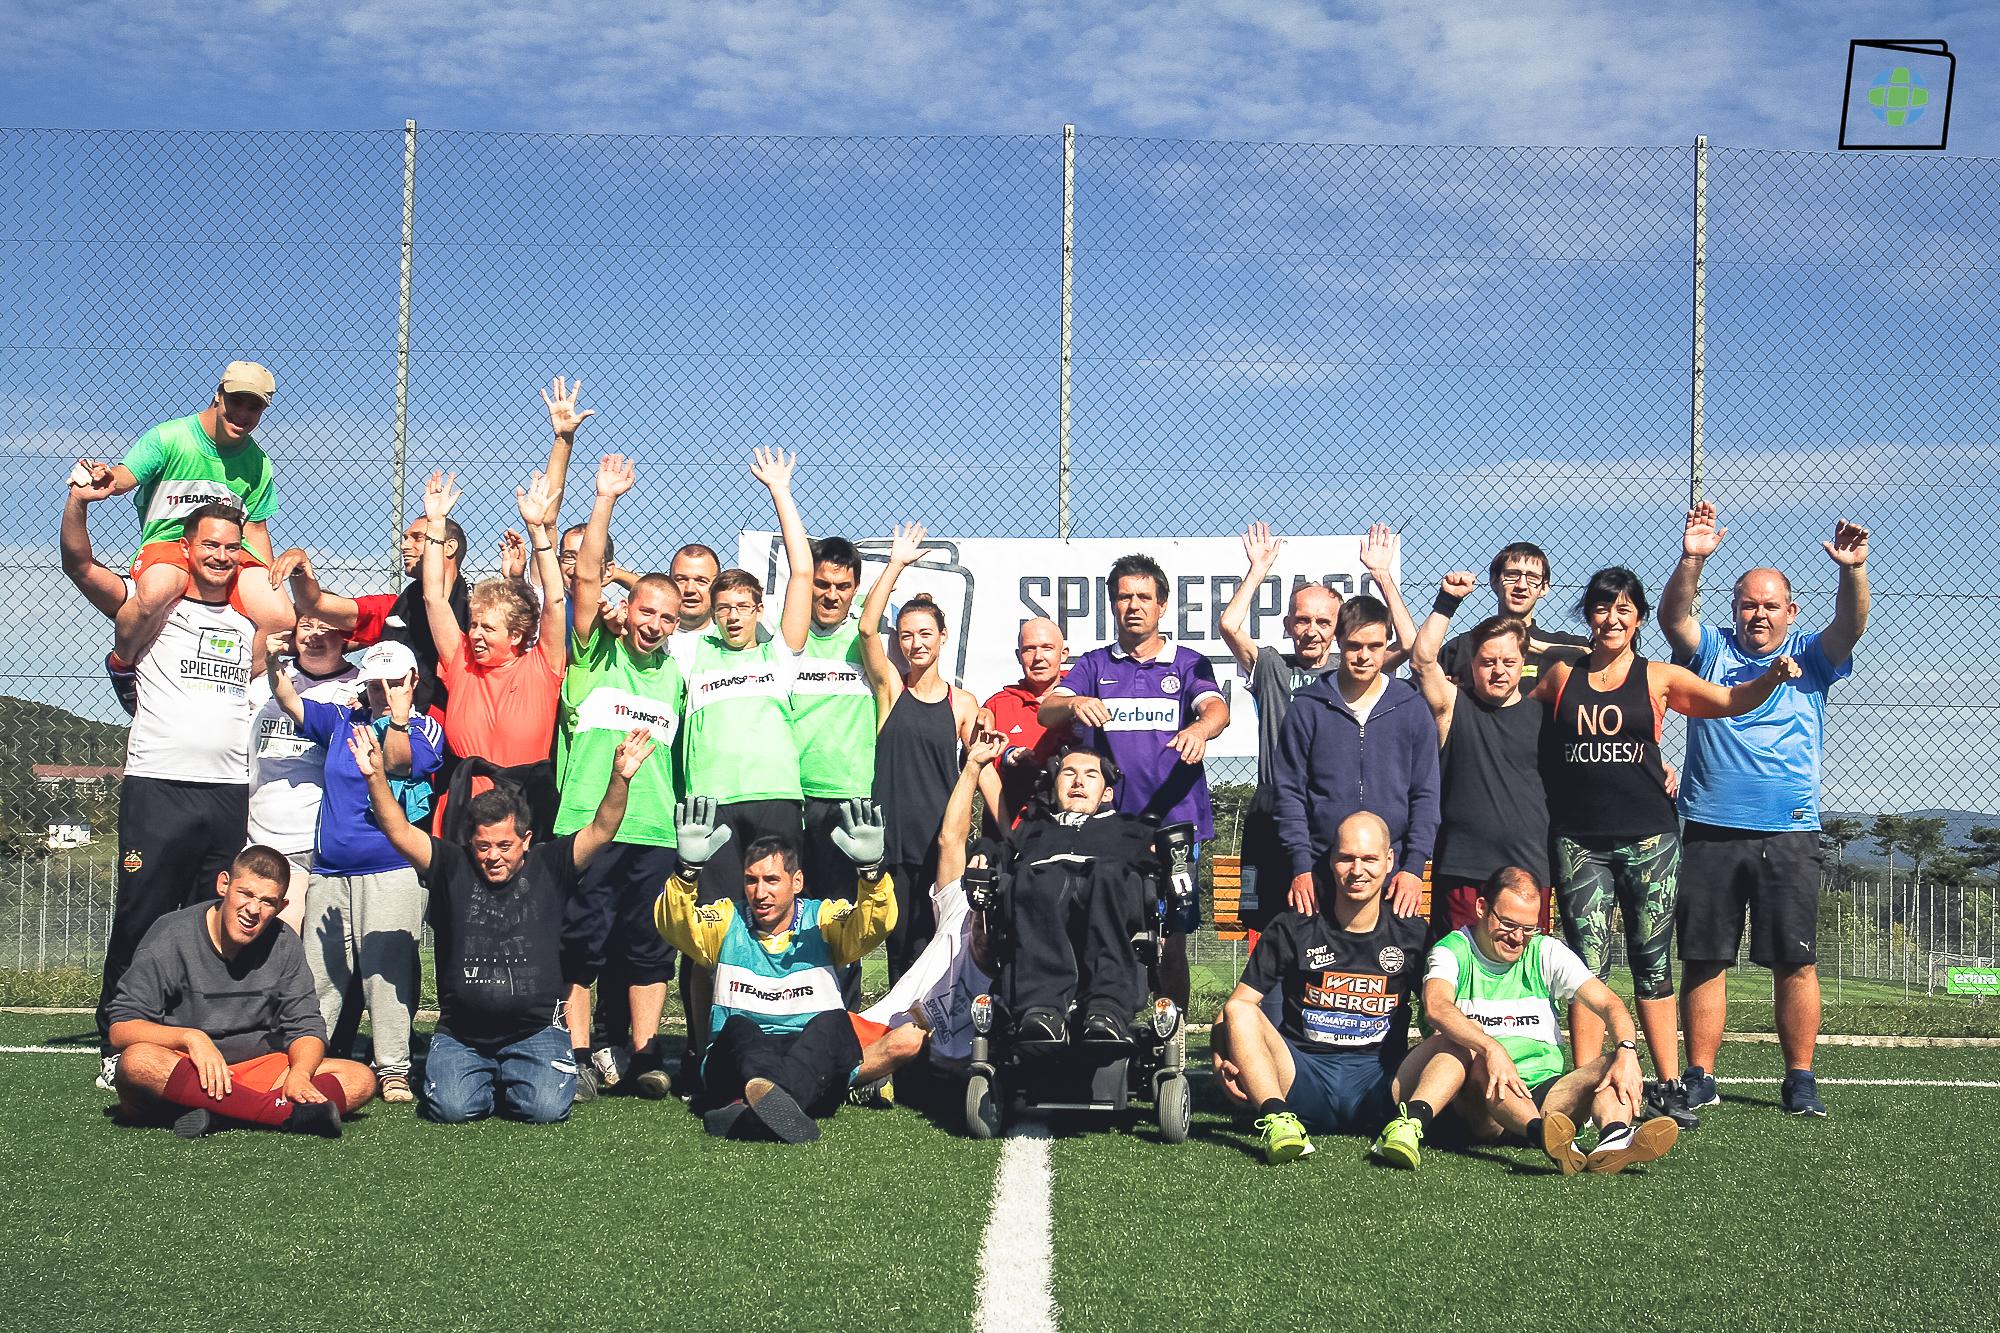 Spielerpass-Fußballcamp